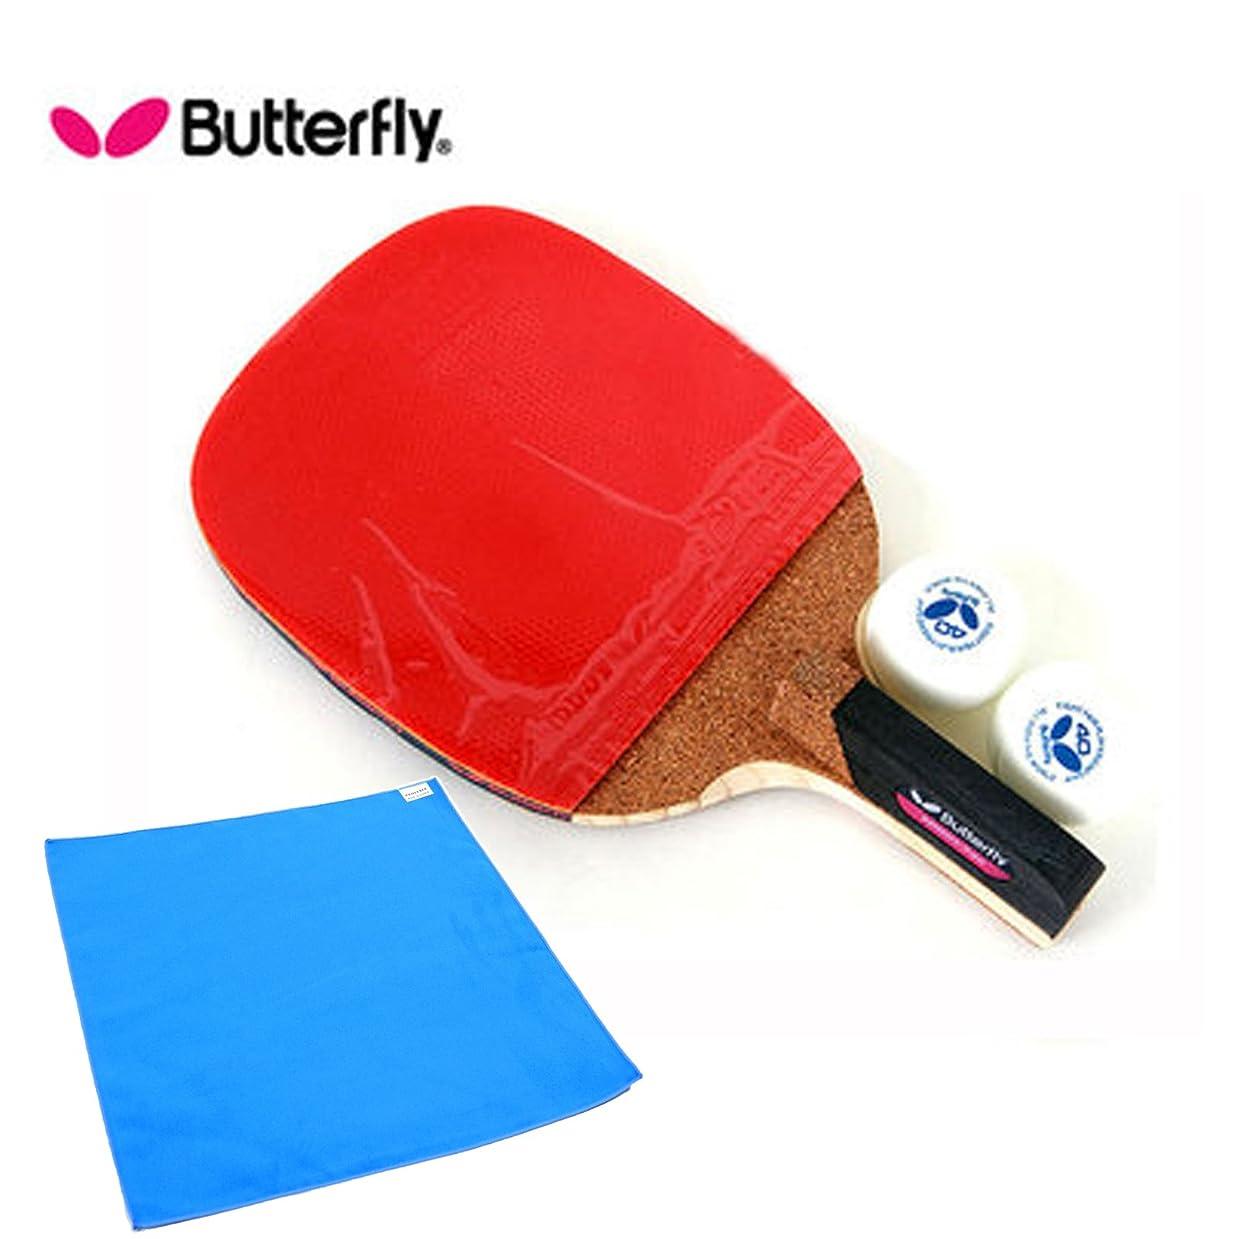 大腿バーゲン昇る[Butterfly] ADDOY P20 (Penholder Grip) 卓球ラケットペンホルダーパドルピンポンラケット+ボール(Free 2 Balls in Pack)+高級スポーツタオル